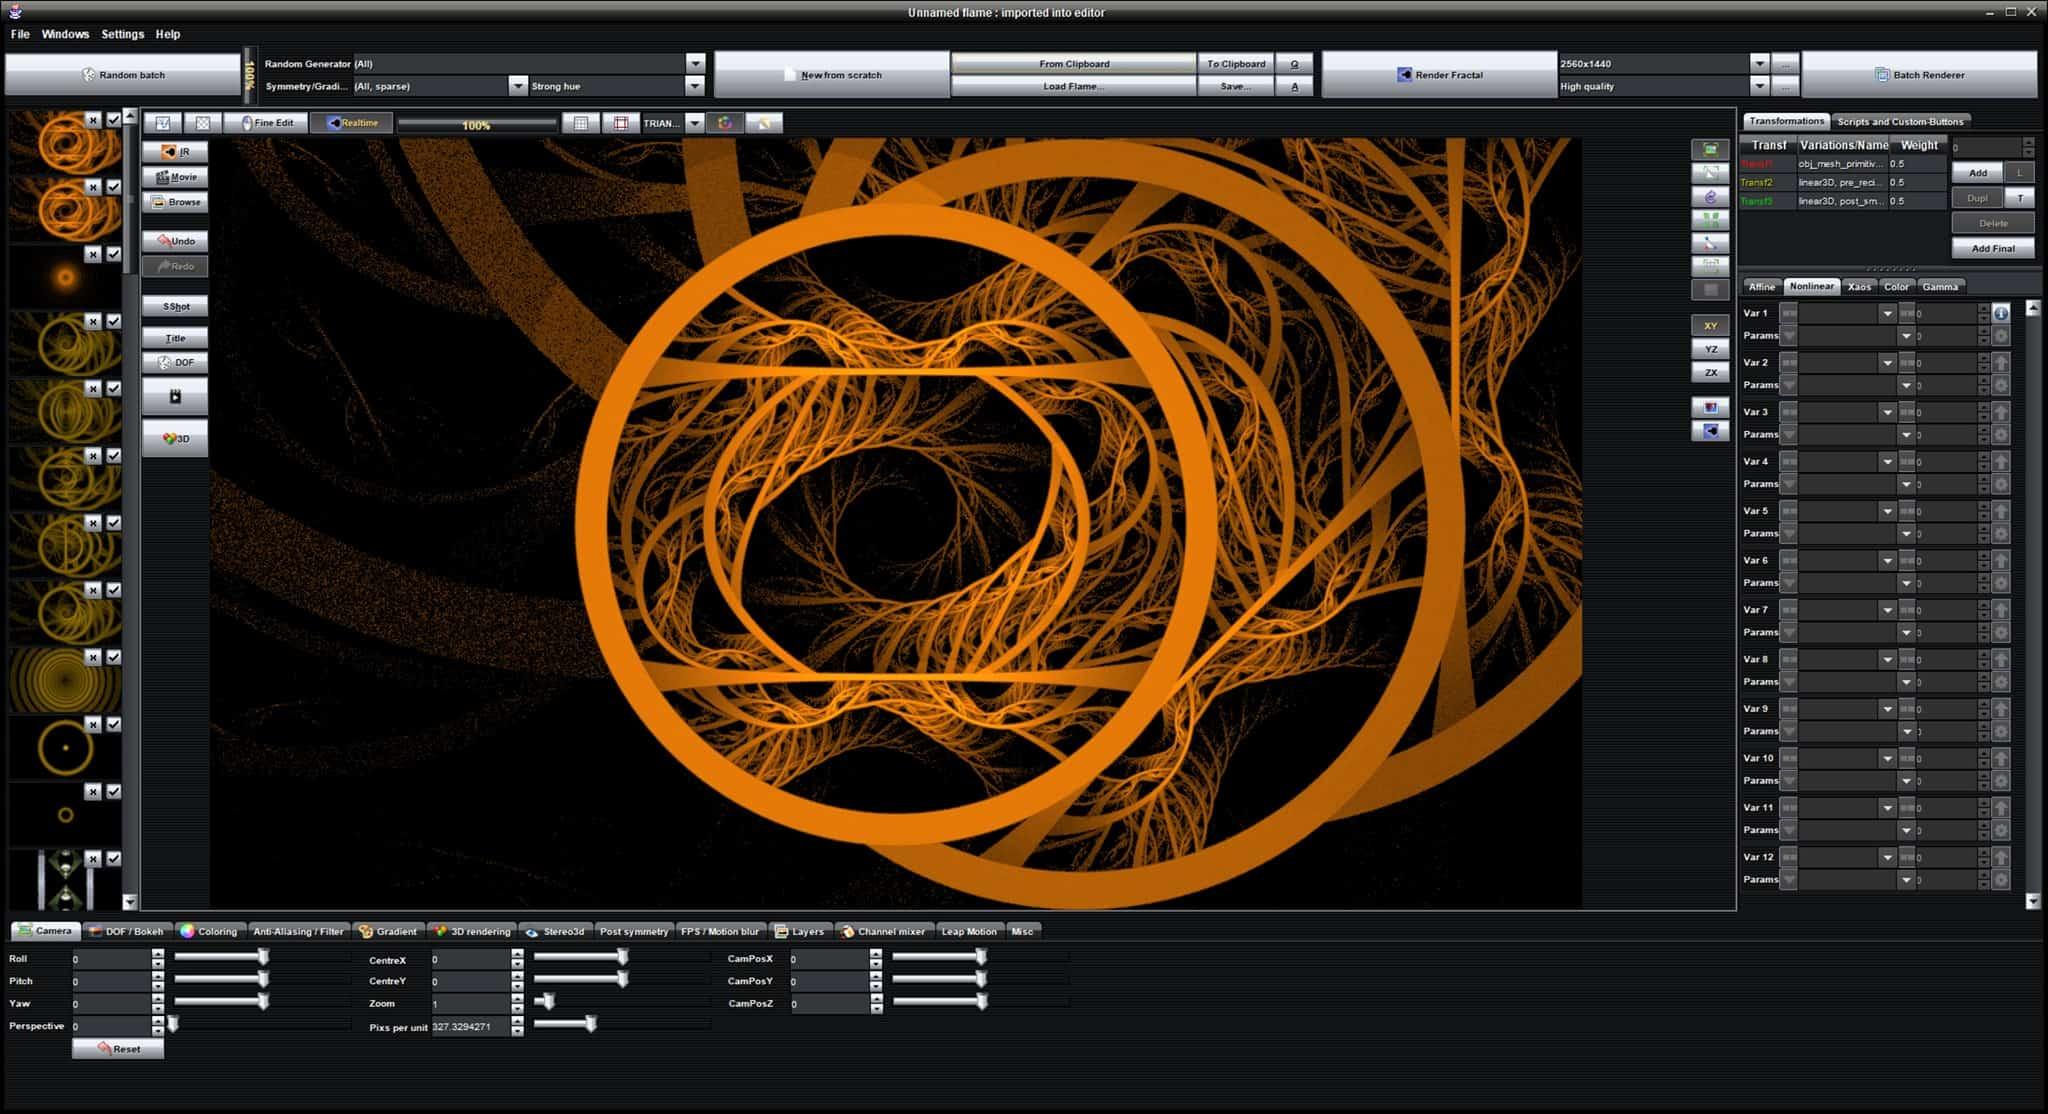 whittaker linear sim tutorial | Linear Sim Tutorial - Whittaker Courtney